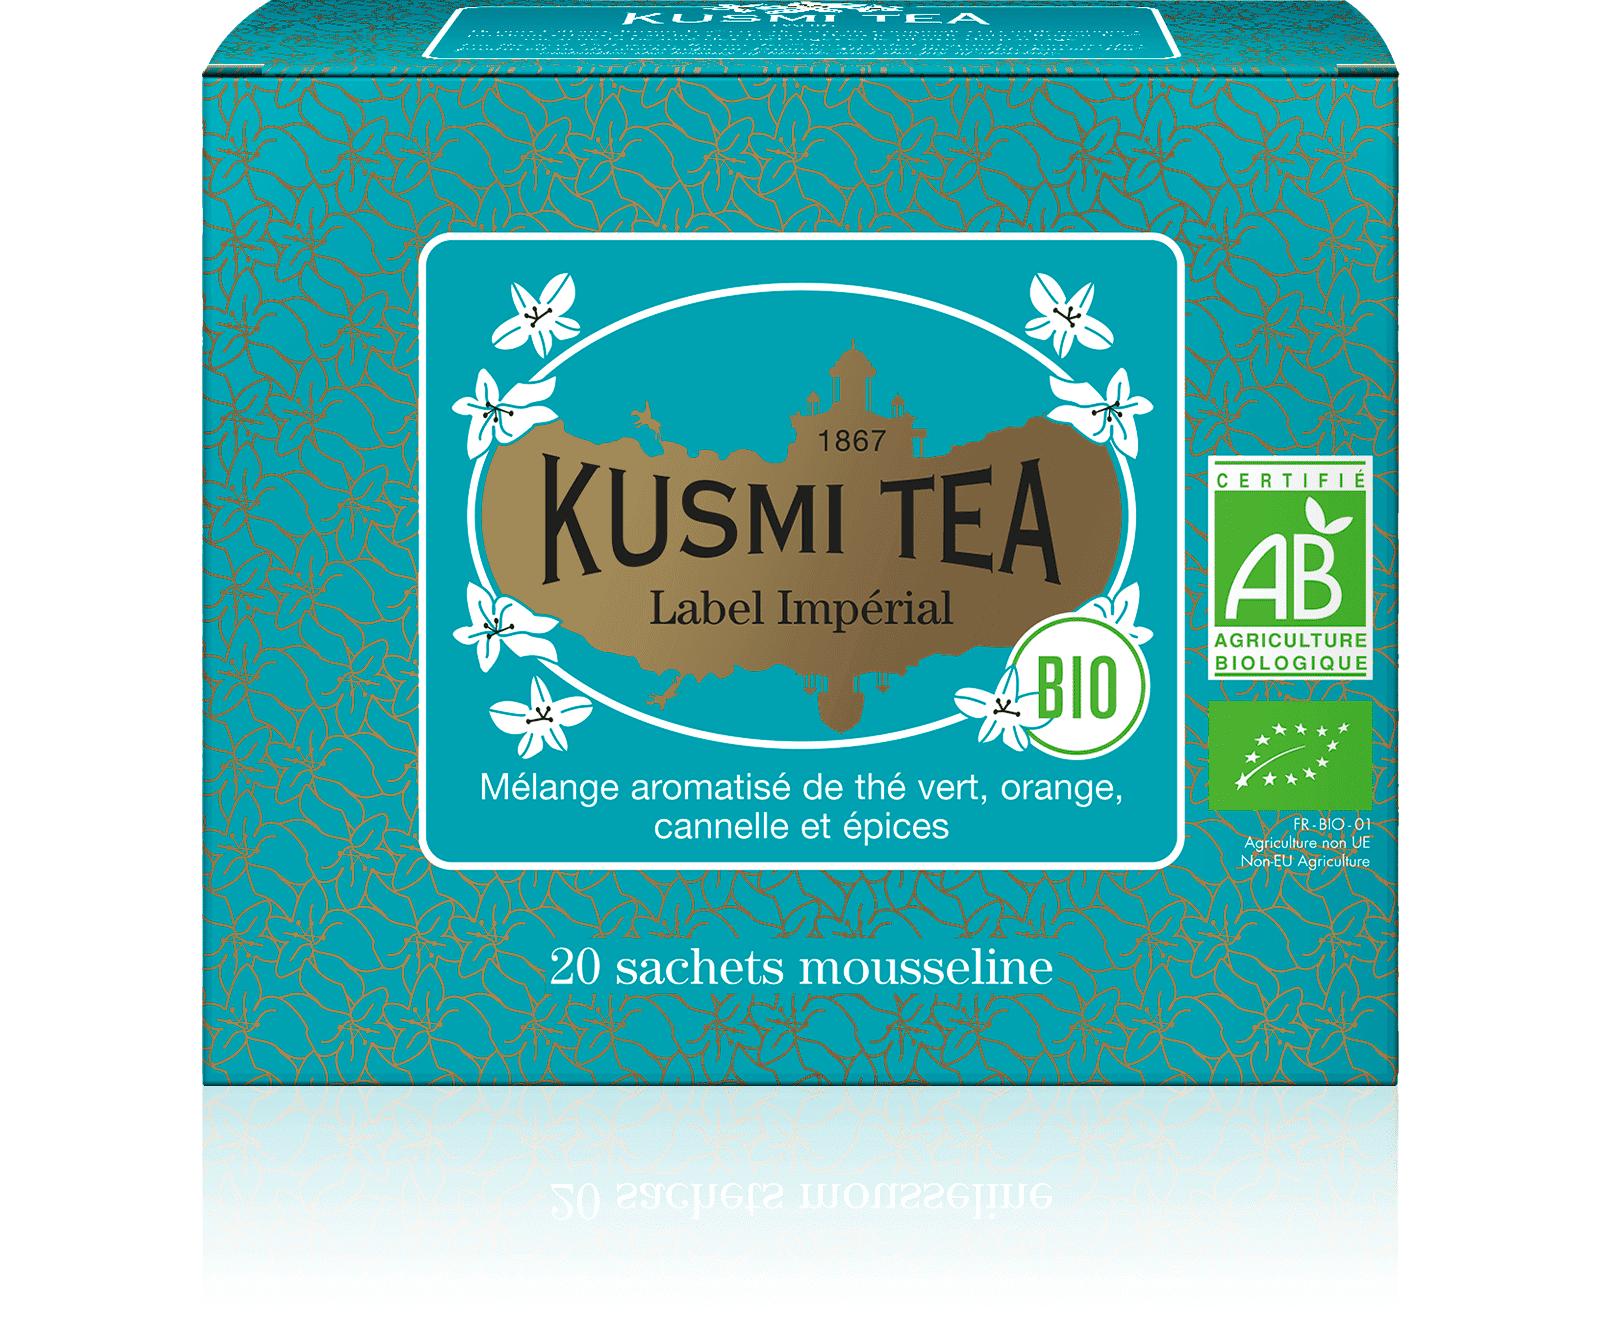 KUSMI TEA Label Imperial bio - Thé vert, épices, cannelle - Sachets de thé - Kusmi Tea